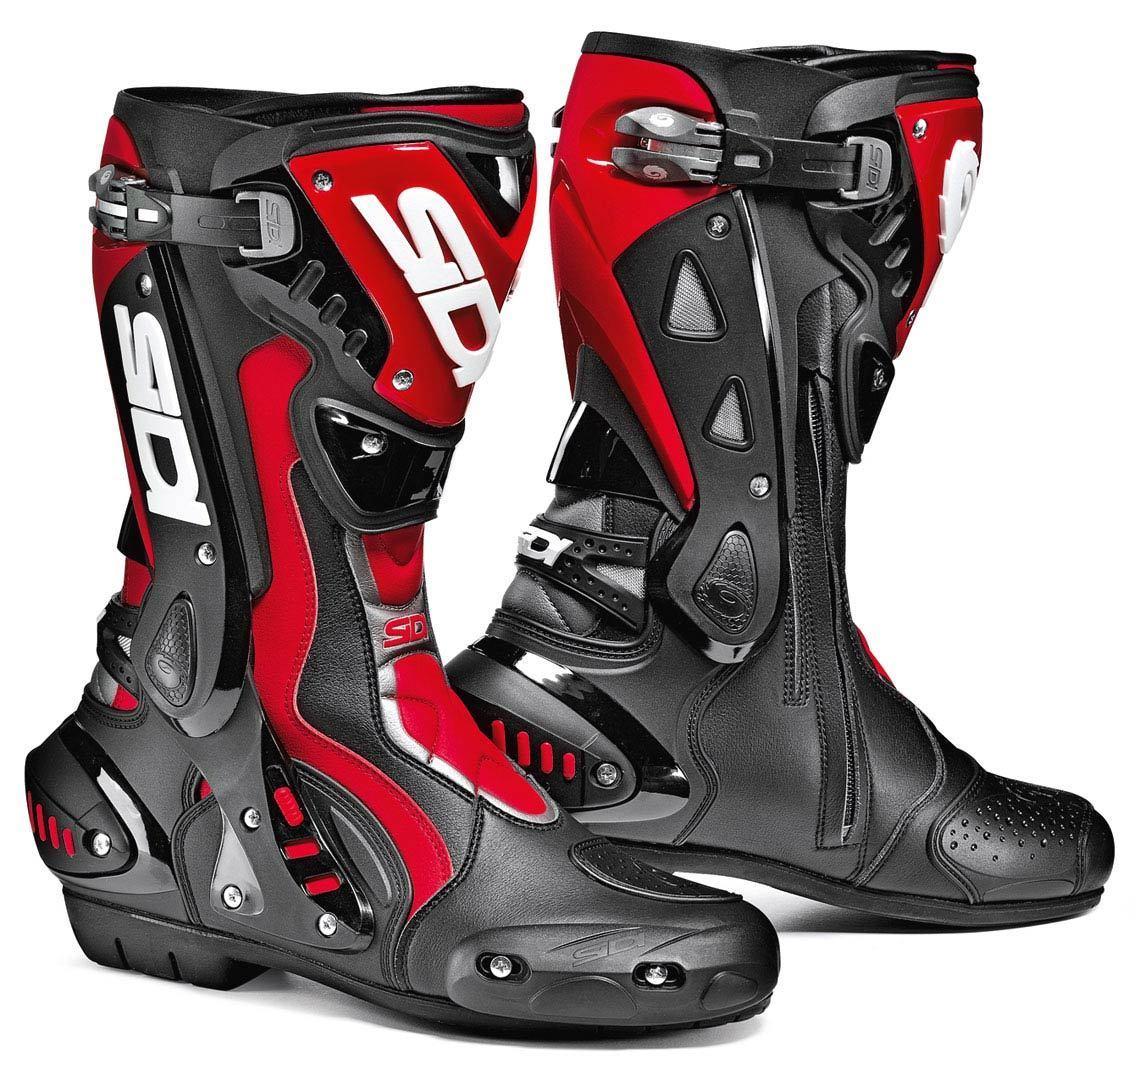 Sidi ST Motorradstiefel, schwarz-rot, Größe 43, schwarz-rot, Größe 43